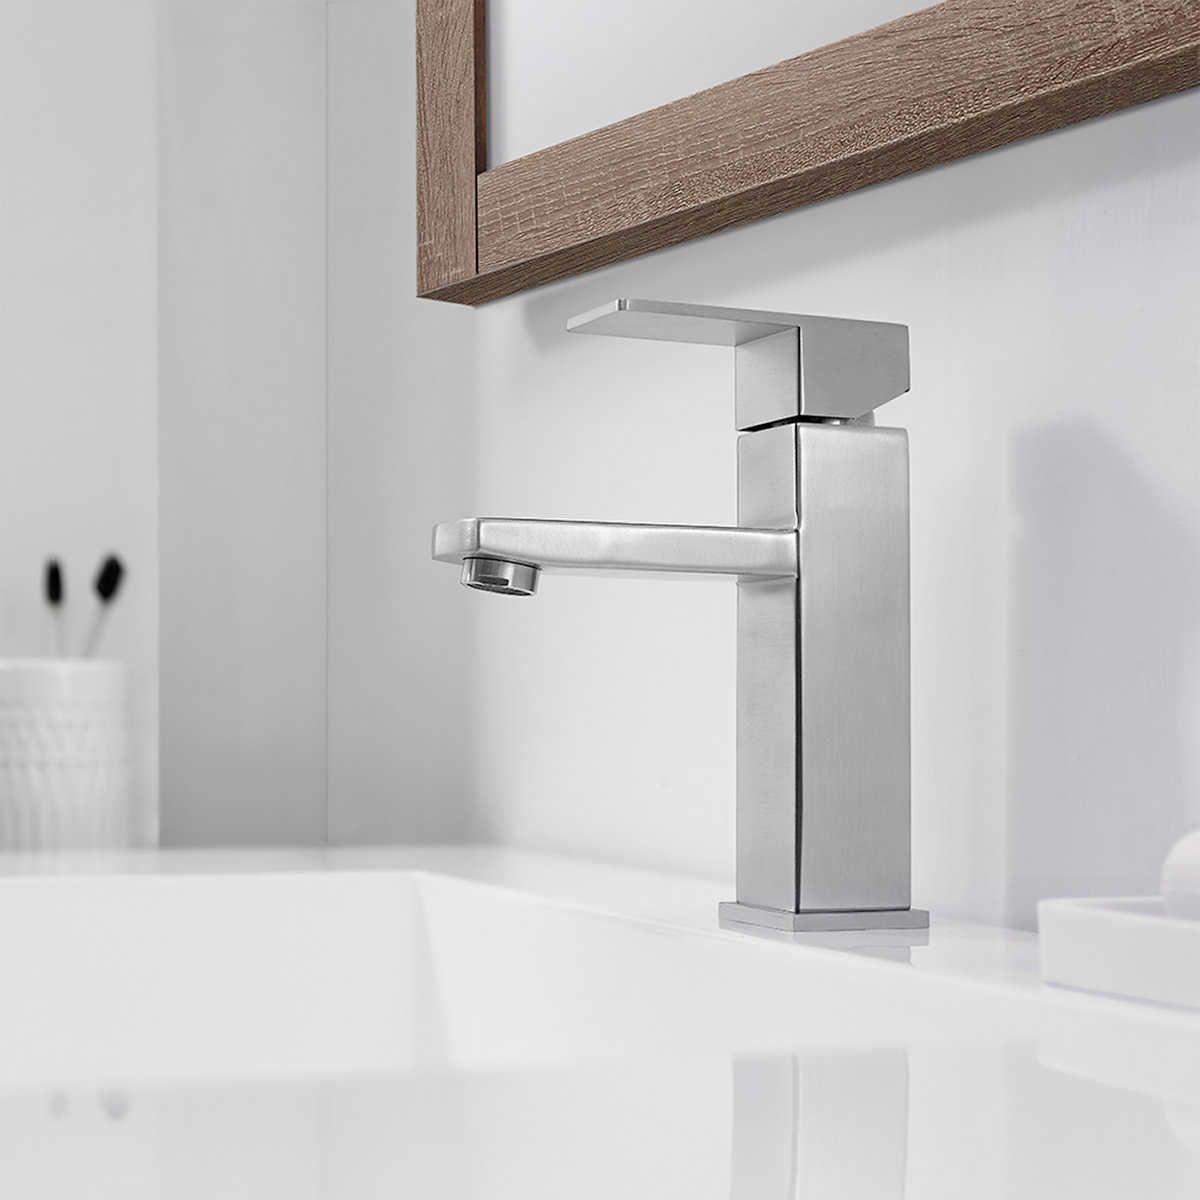 Master Bath Ove Bea Single Hole Bath Faucet Costco 89 99 Bathroom Faucets Bath Faucet Single Hole Bathroom Faucet